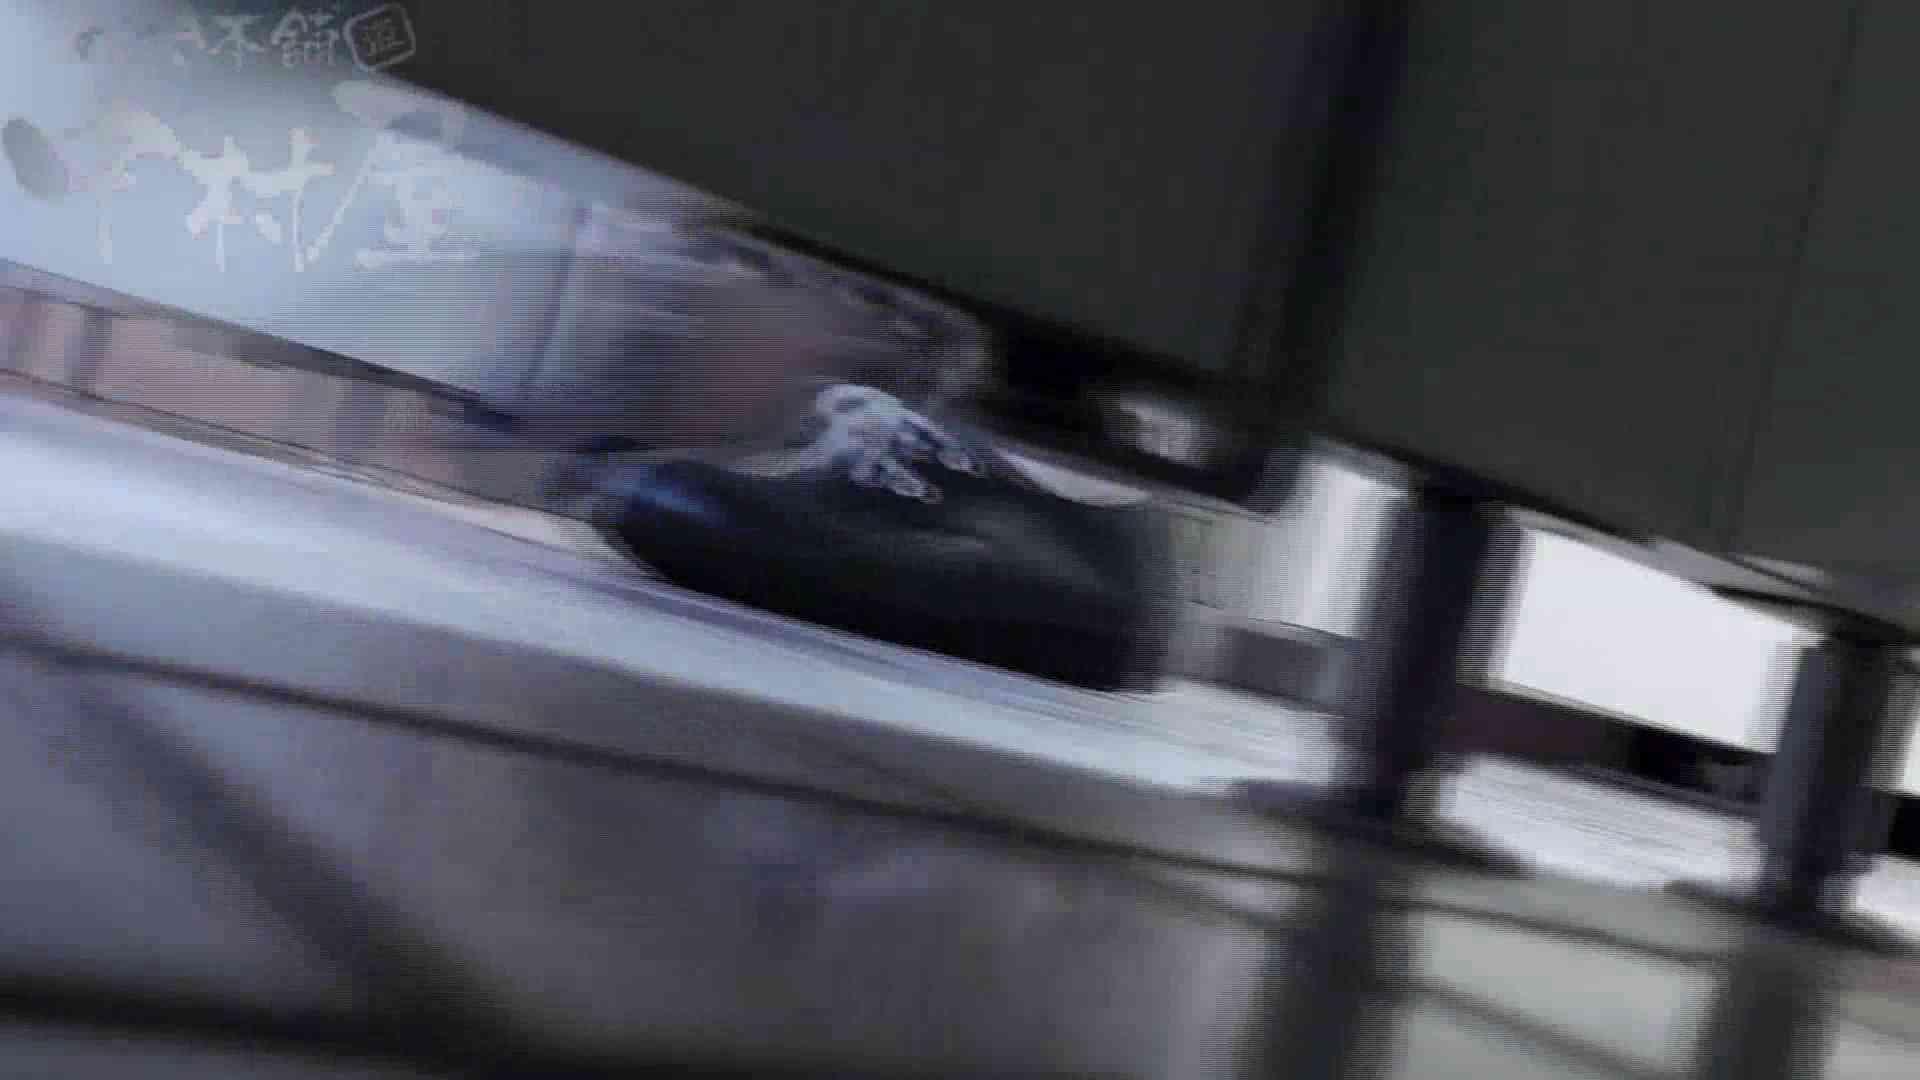 無修正エロ動画:美しい日本の未来 No.34 緊迫!予告モデル撮ろうとしたら清掃員に遭遇:のぞき本舗 中村屋